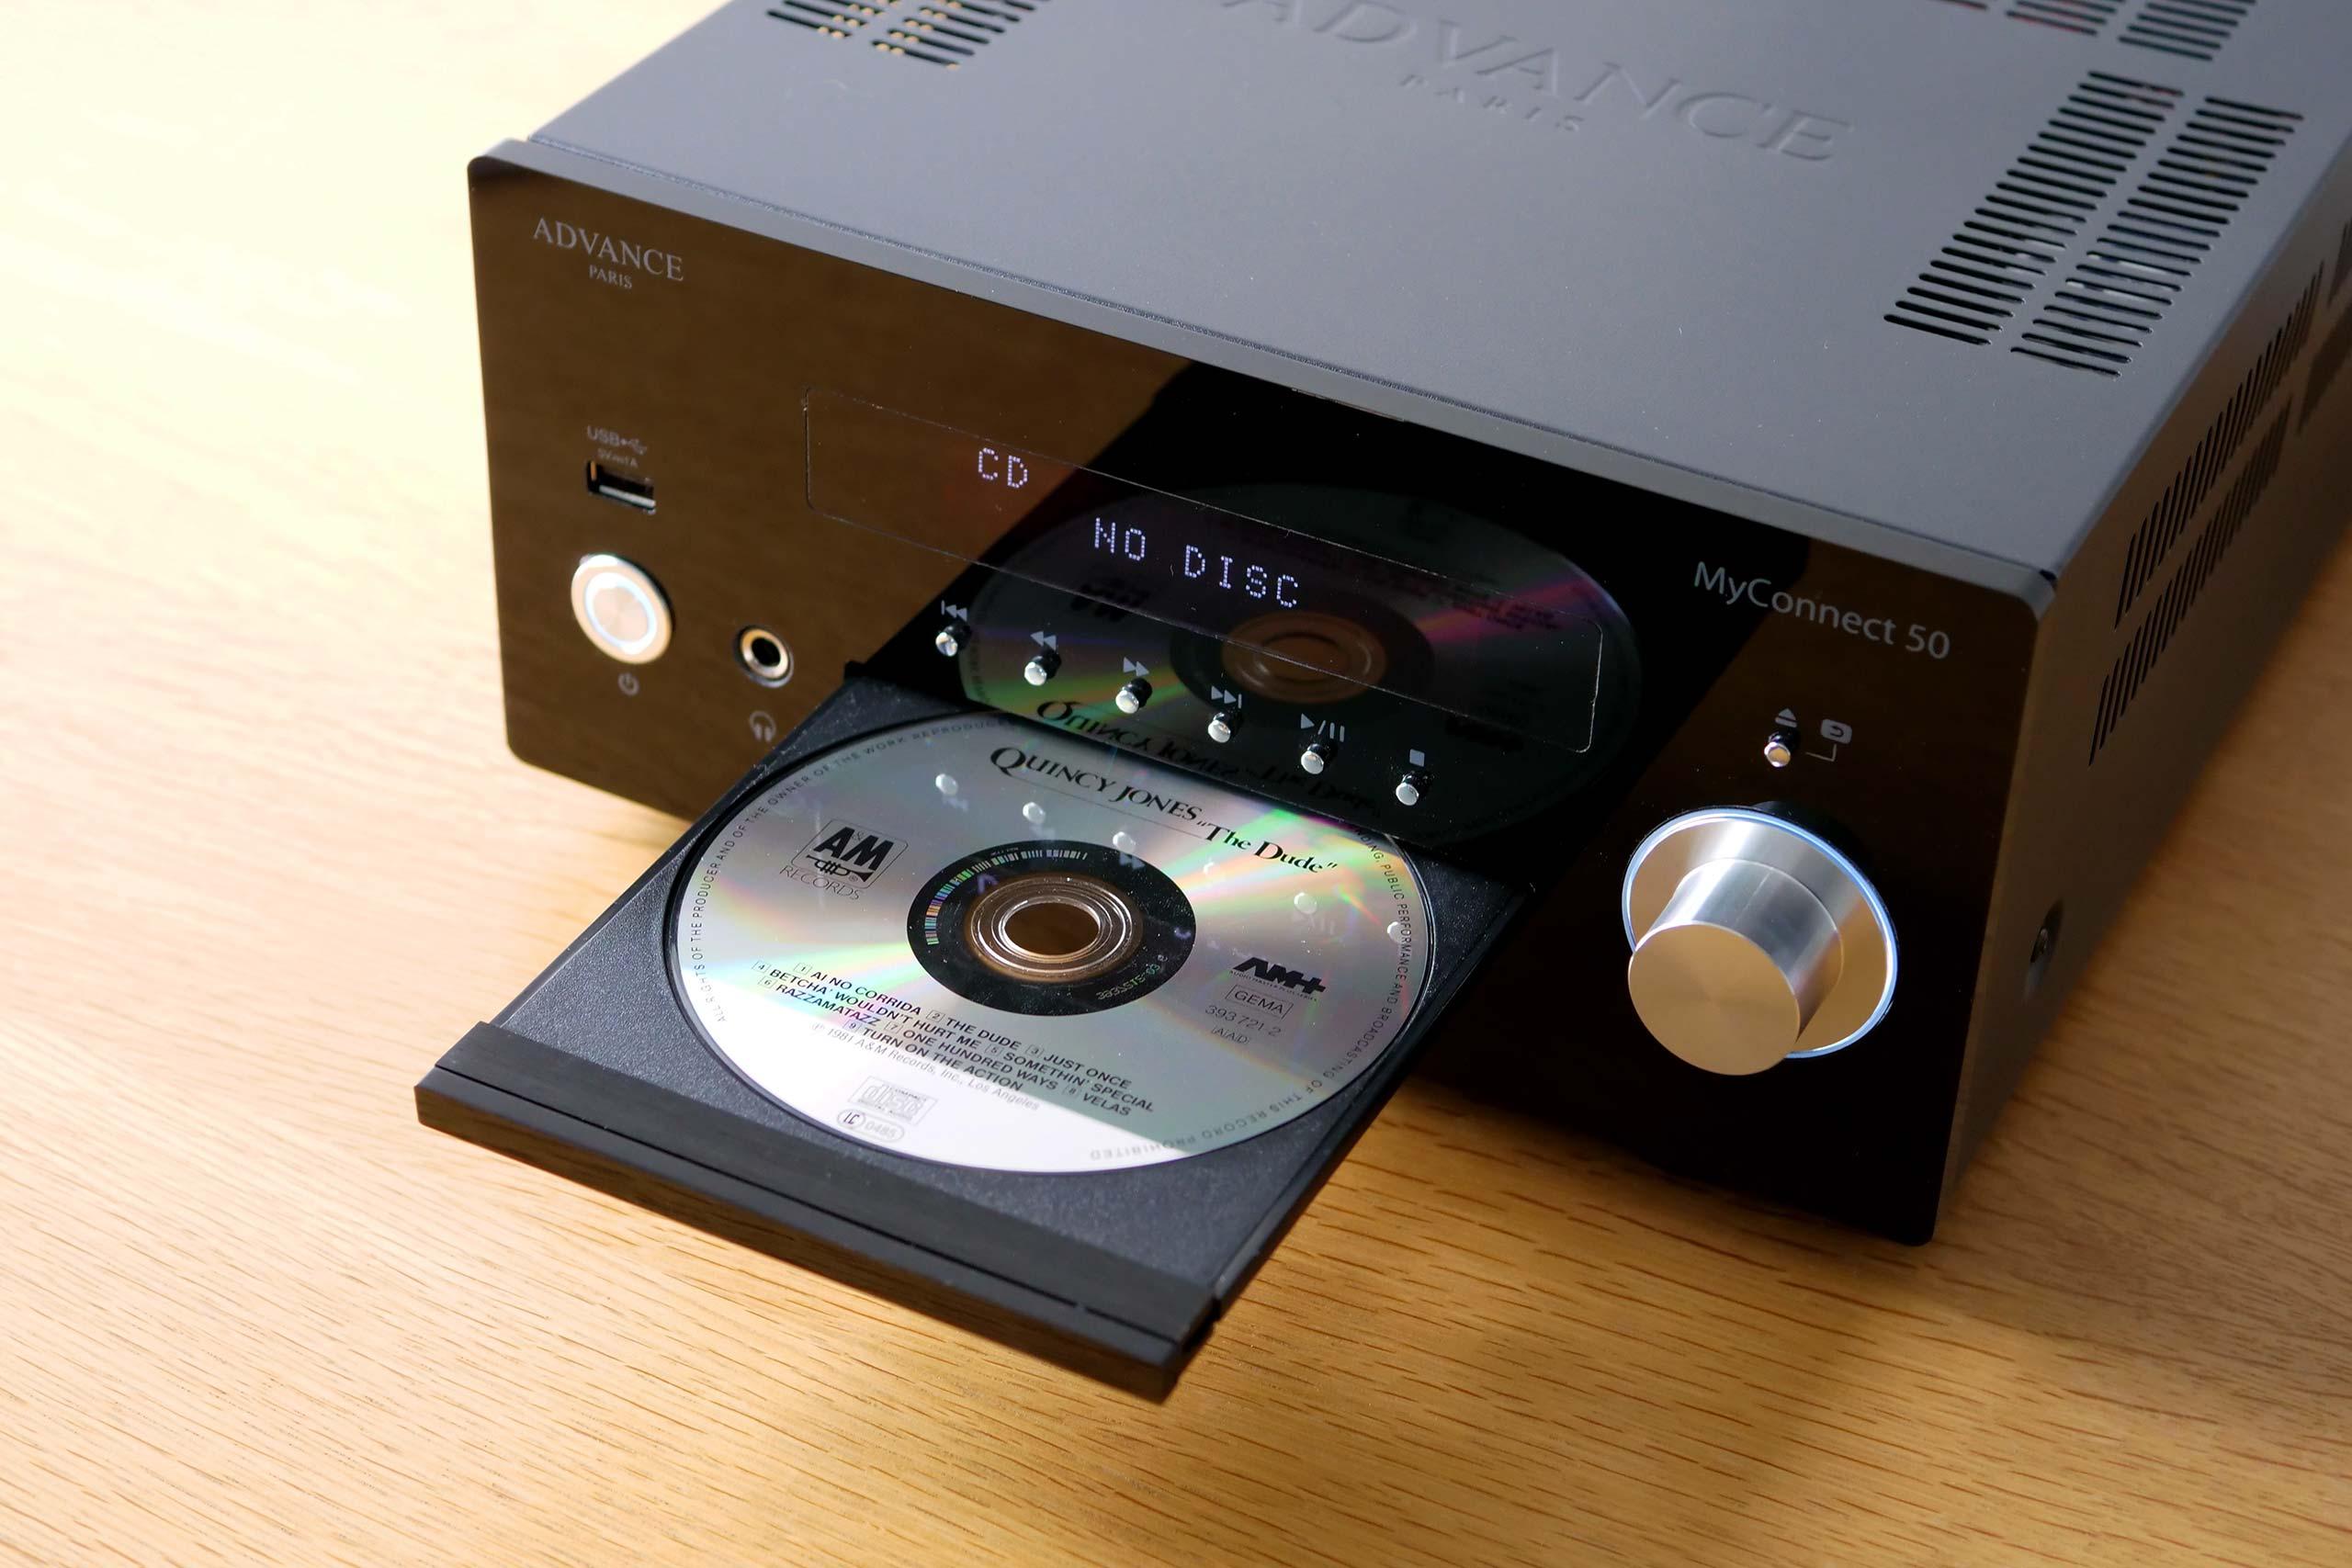 Les touches au-dessus du plateau du lecteur CD sont dédiées à son fonctionnement.